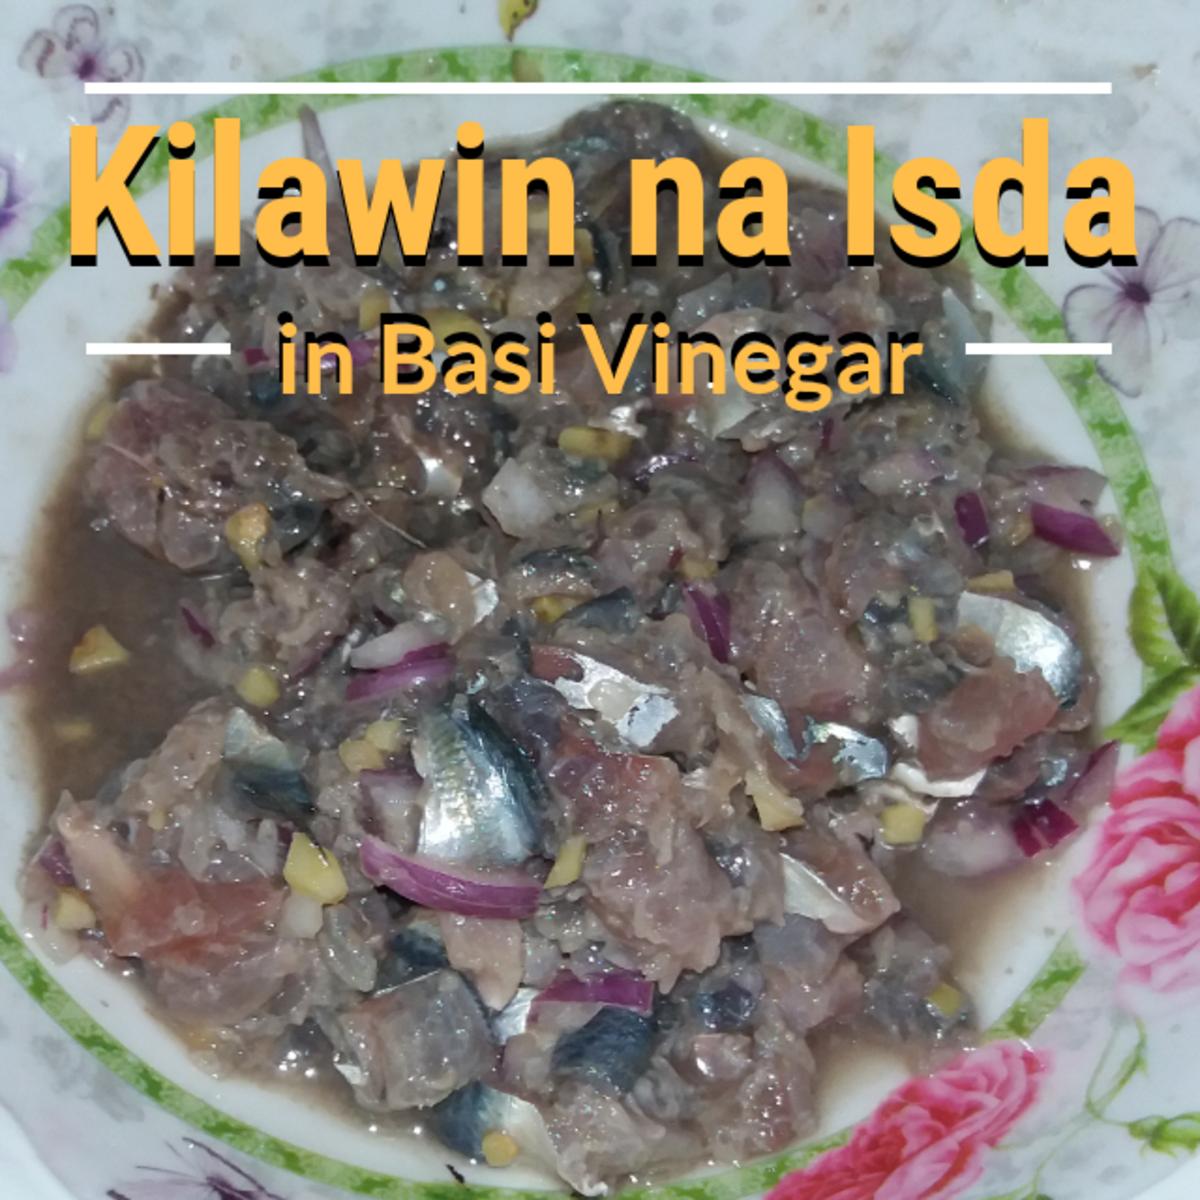 Filipino kilawin na isda in basi vinegar